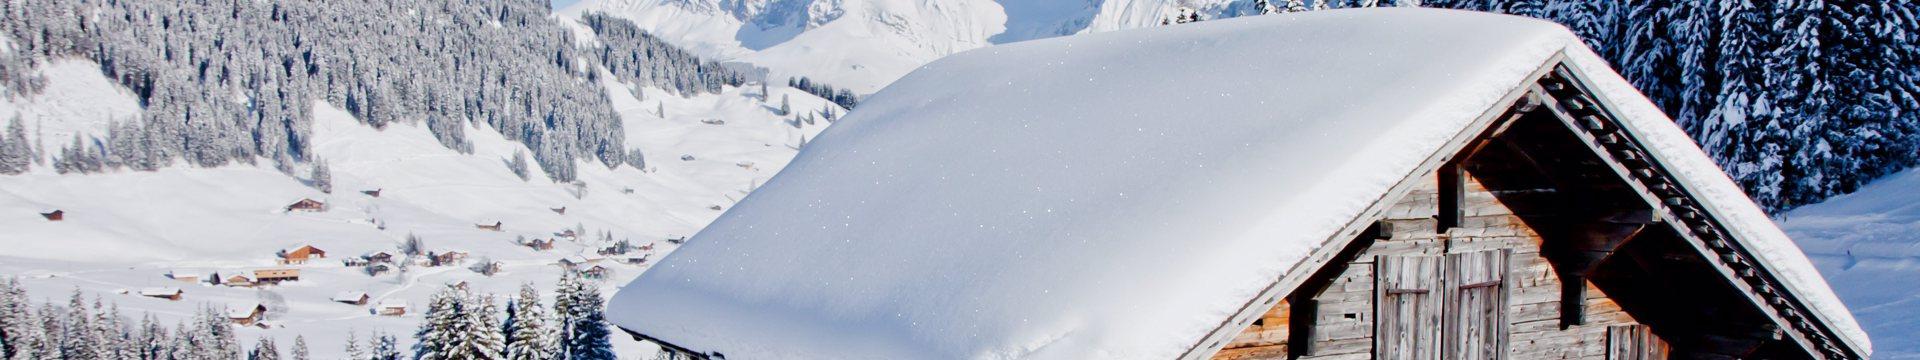 Skigebied Adelboden - Lenk